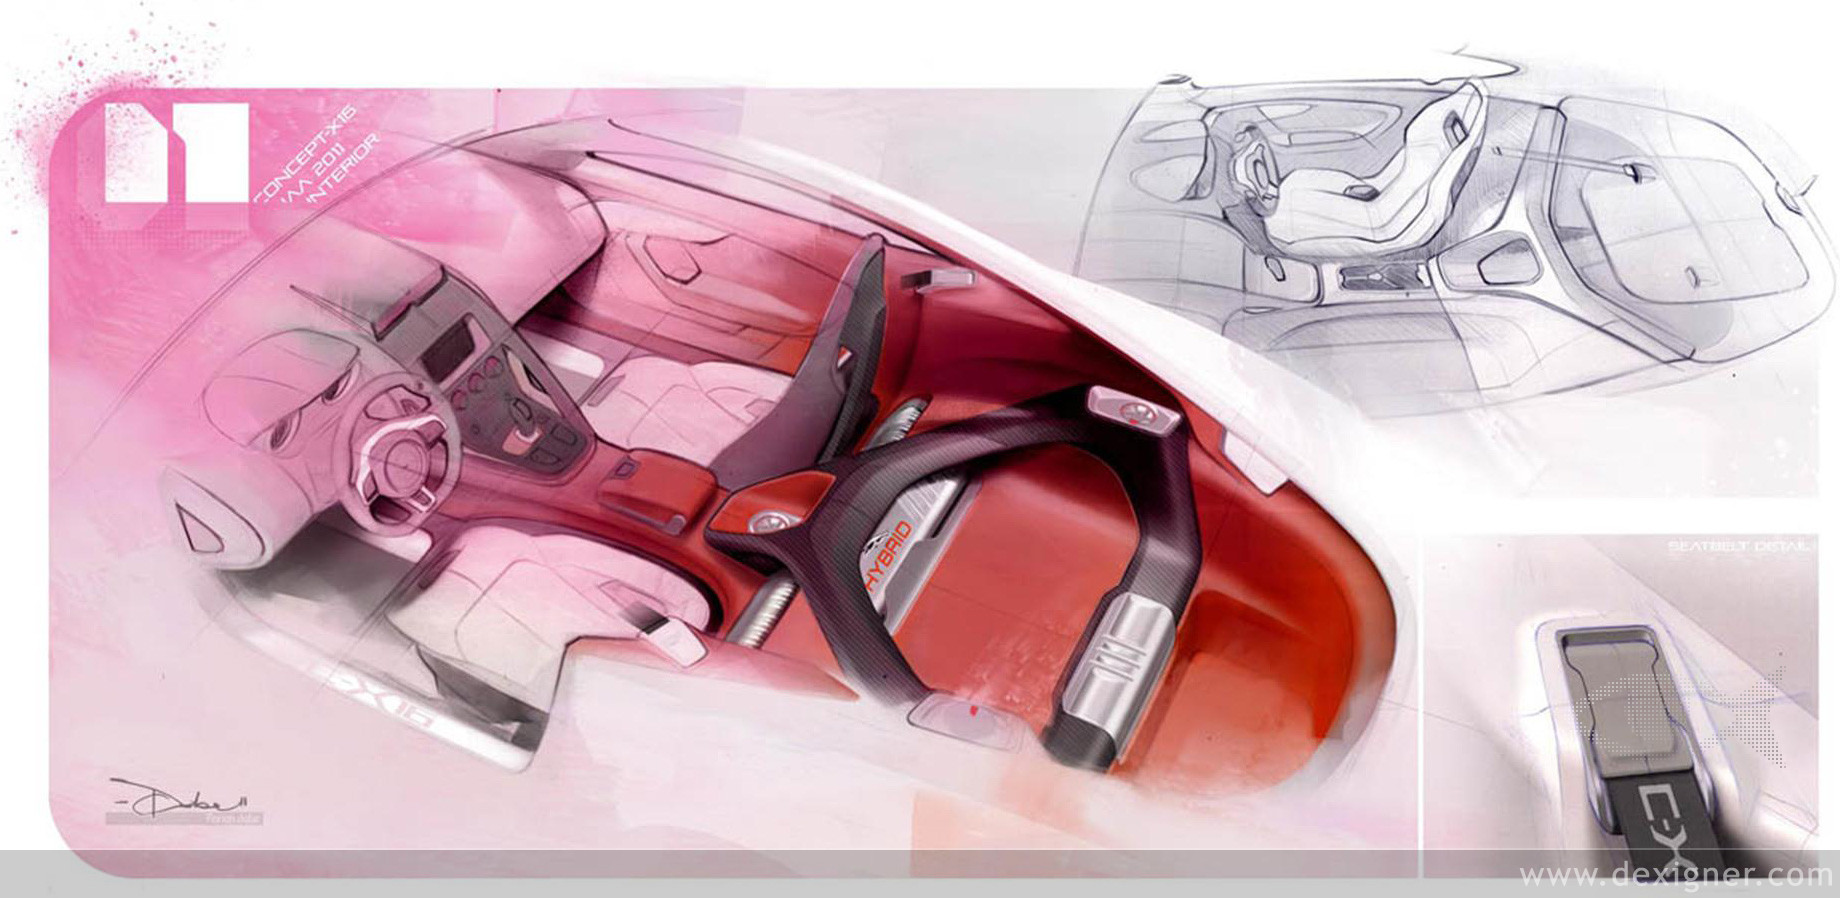 Jaguar_CX16_Concept_15.jpg (1840×898)